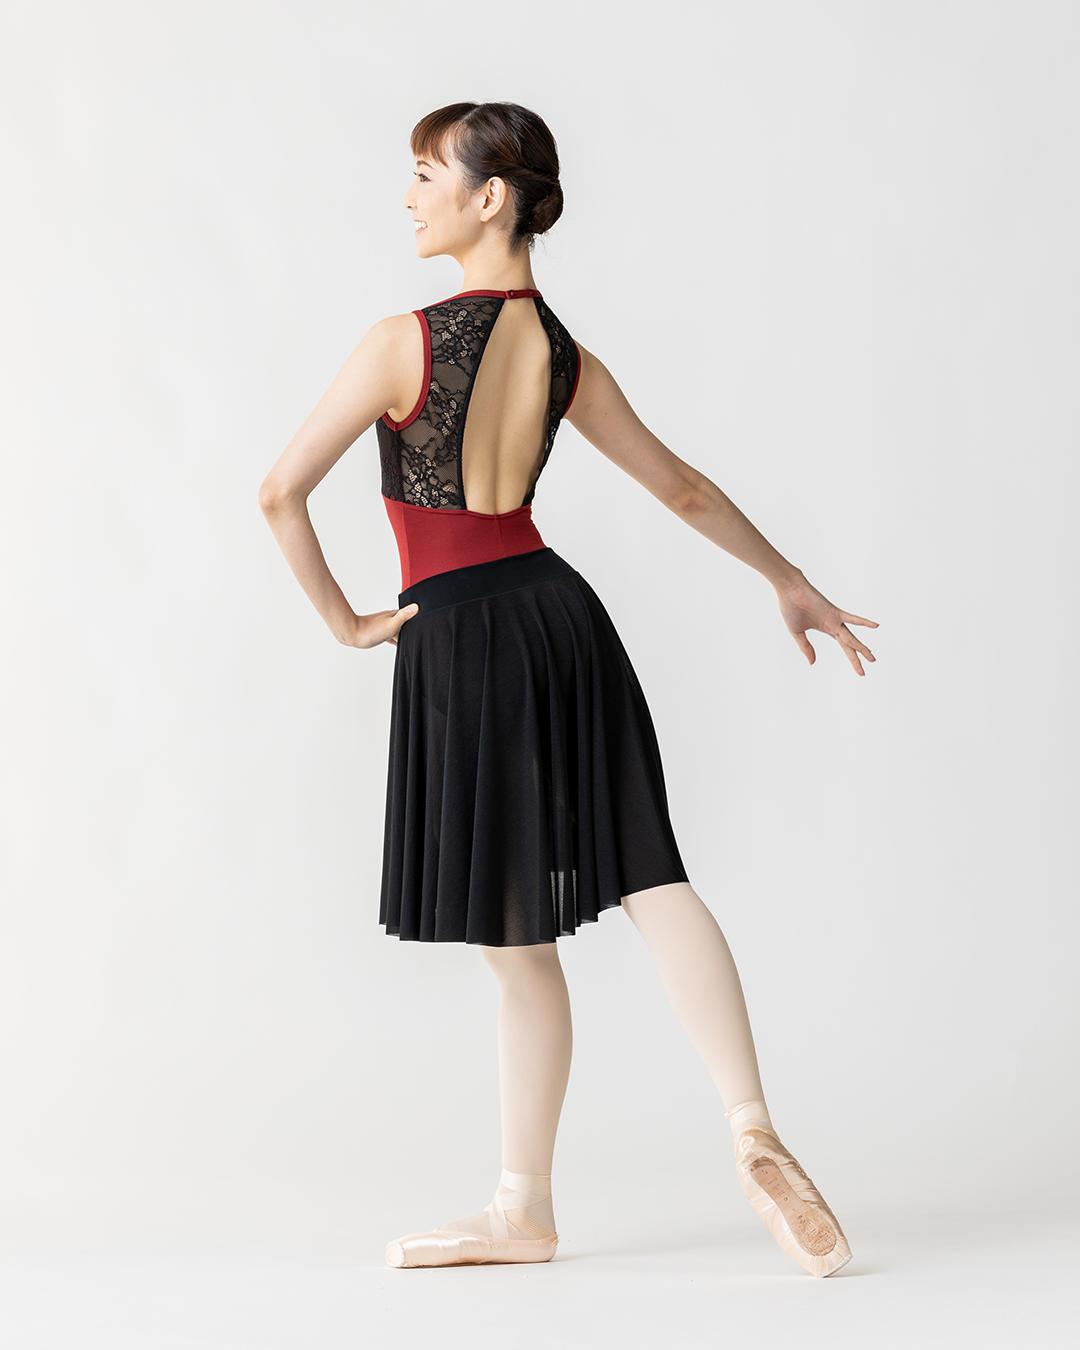 1002_ballet_new_10.jpg